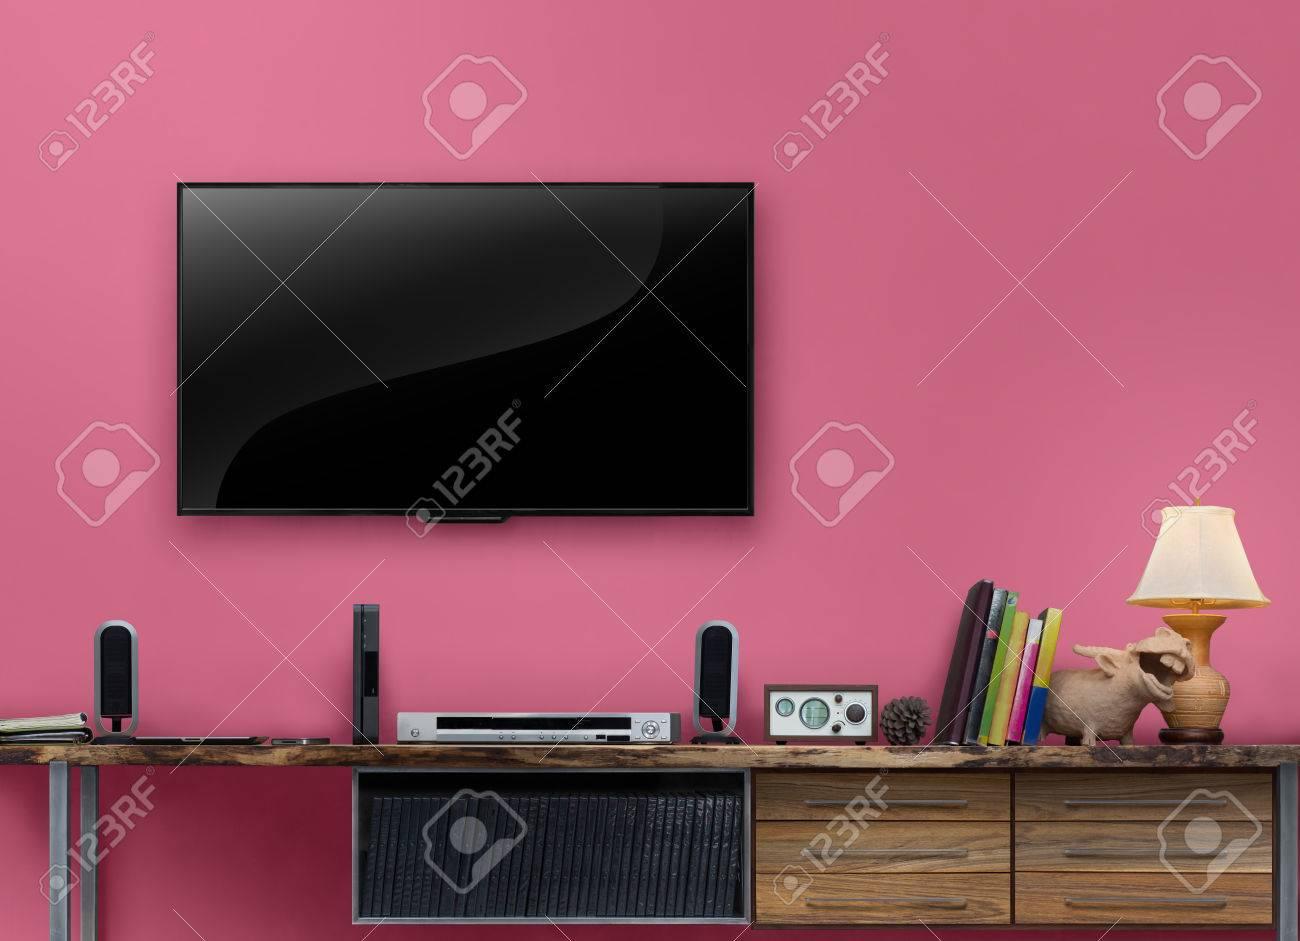 Rosa wande wohnzimmer  Led TV Holztisch Medienmöbel Mit Rosa Wand Im Wohnzimmer Lizenzfreie ...